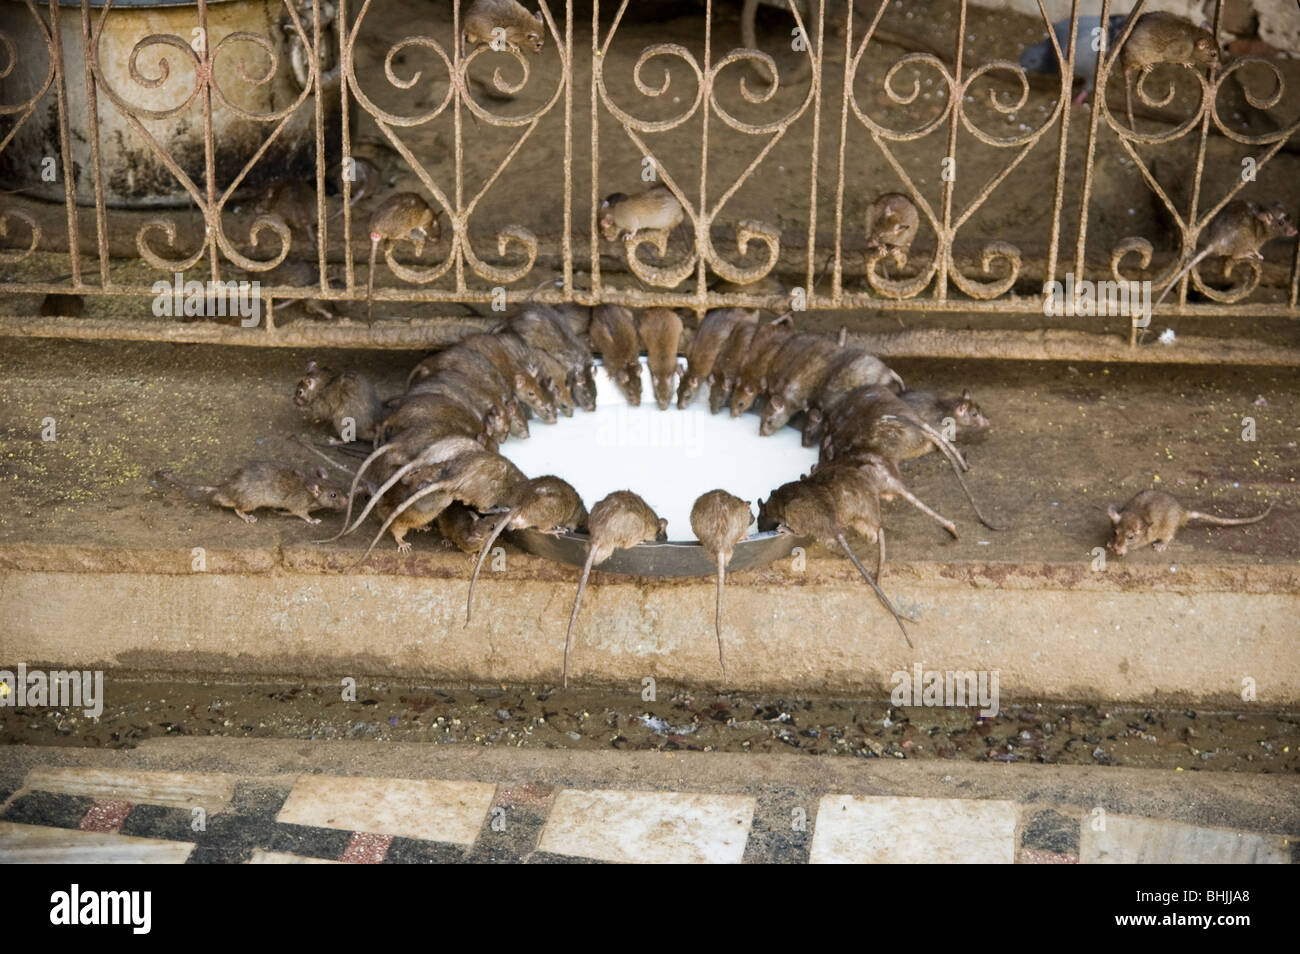 Ratten trinken Milch im Karni Mata Tempel in Deshnoke, Indien. Ratten sind hier geehrt. Stockbild